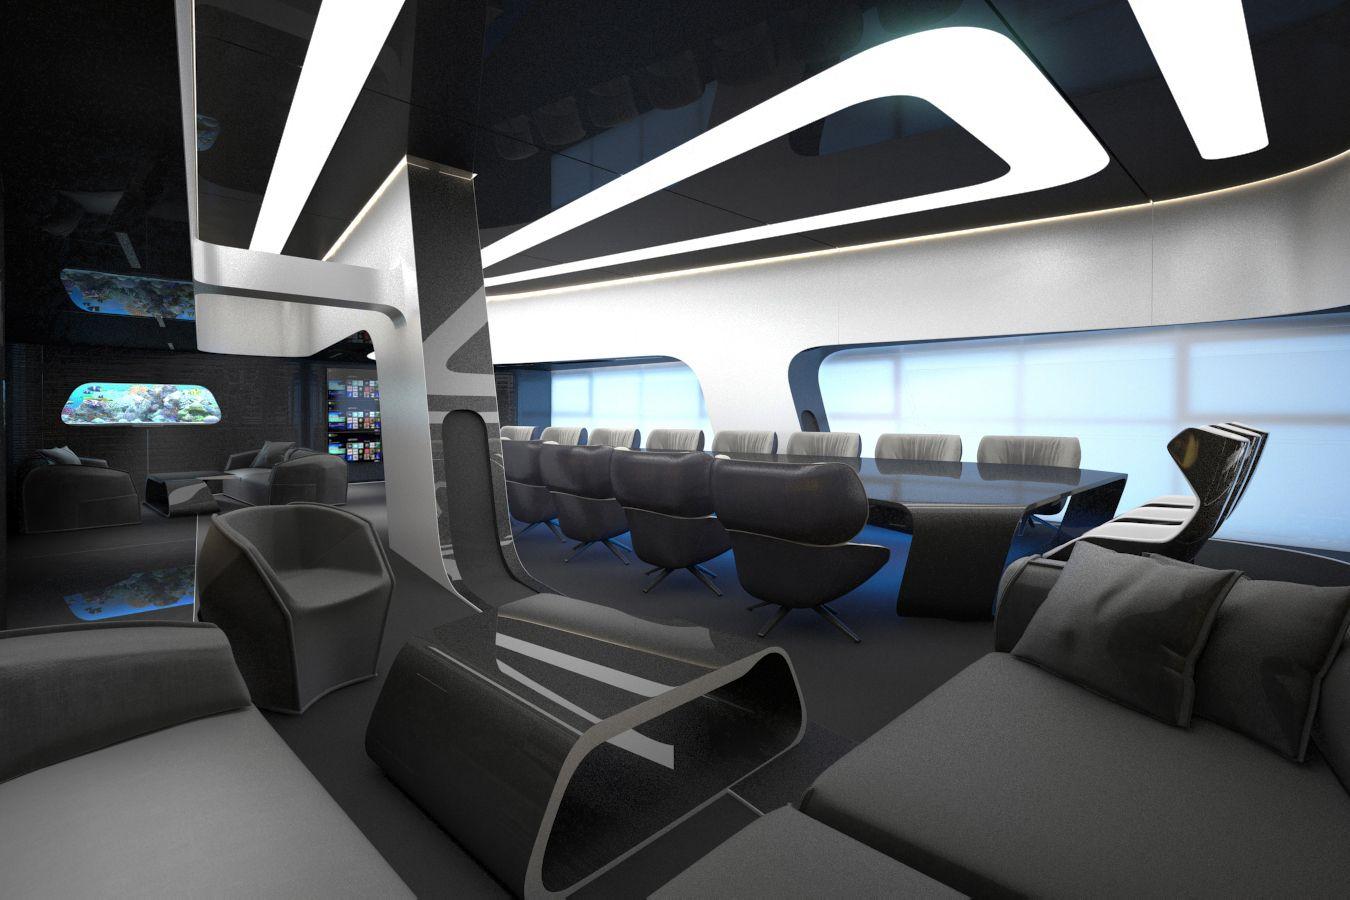 L&S MEETING ROOM | Futuristic interior, Futuristic ...